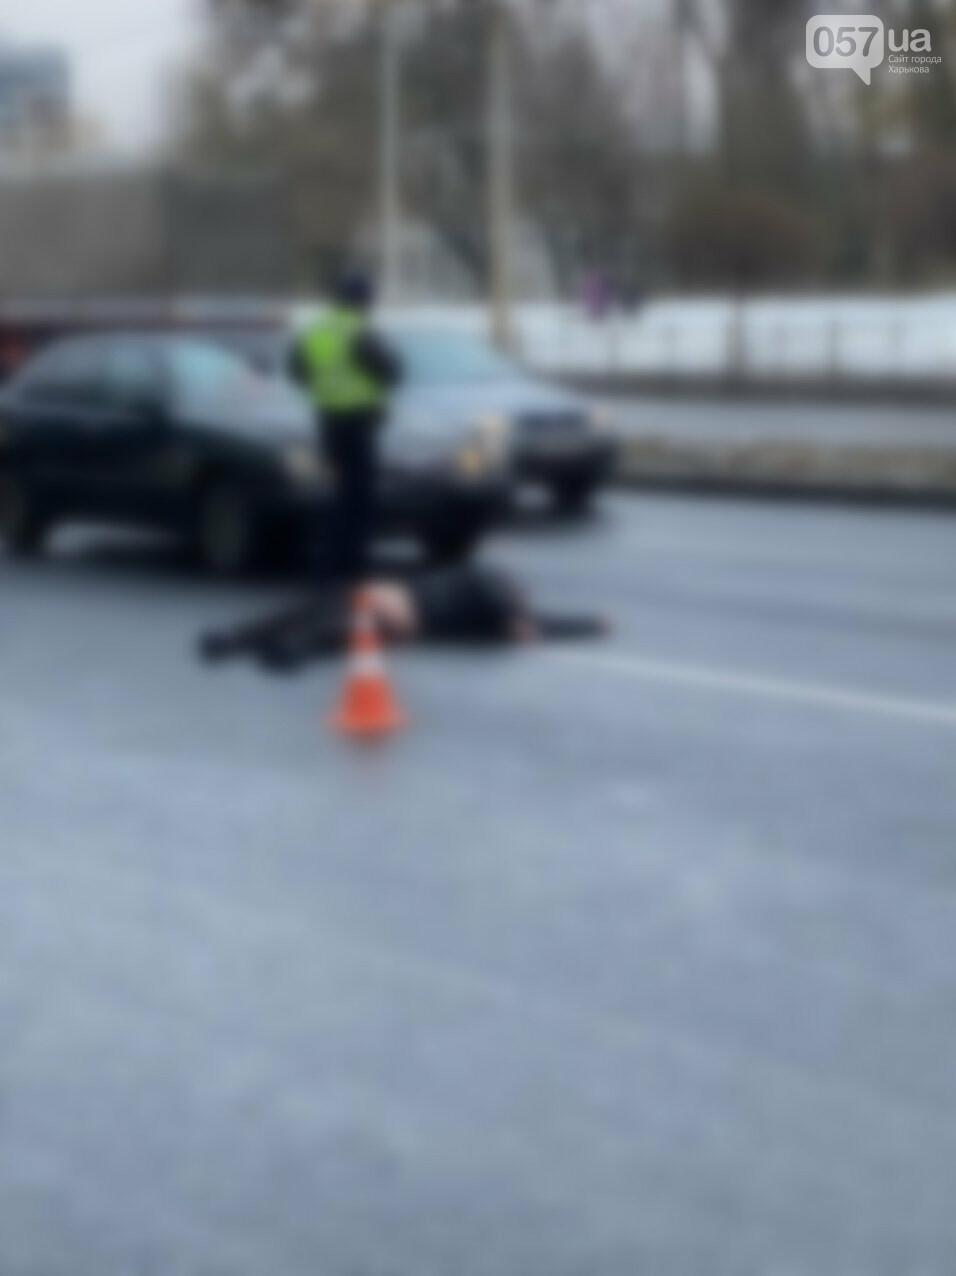 Возле Турбоатома водитель Mercedes сбил насмерть мужчину. От удара пешеходу оторвало голову, - ФОТО 18+, фото-2